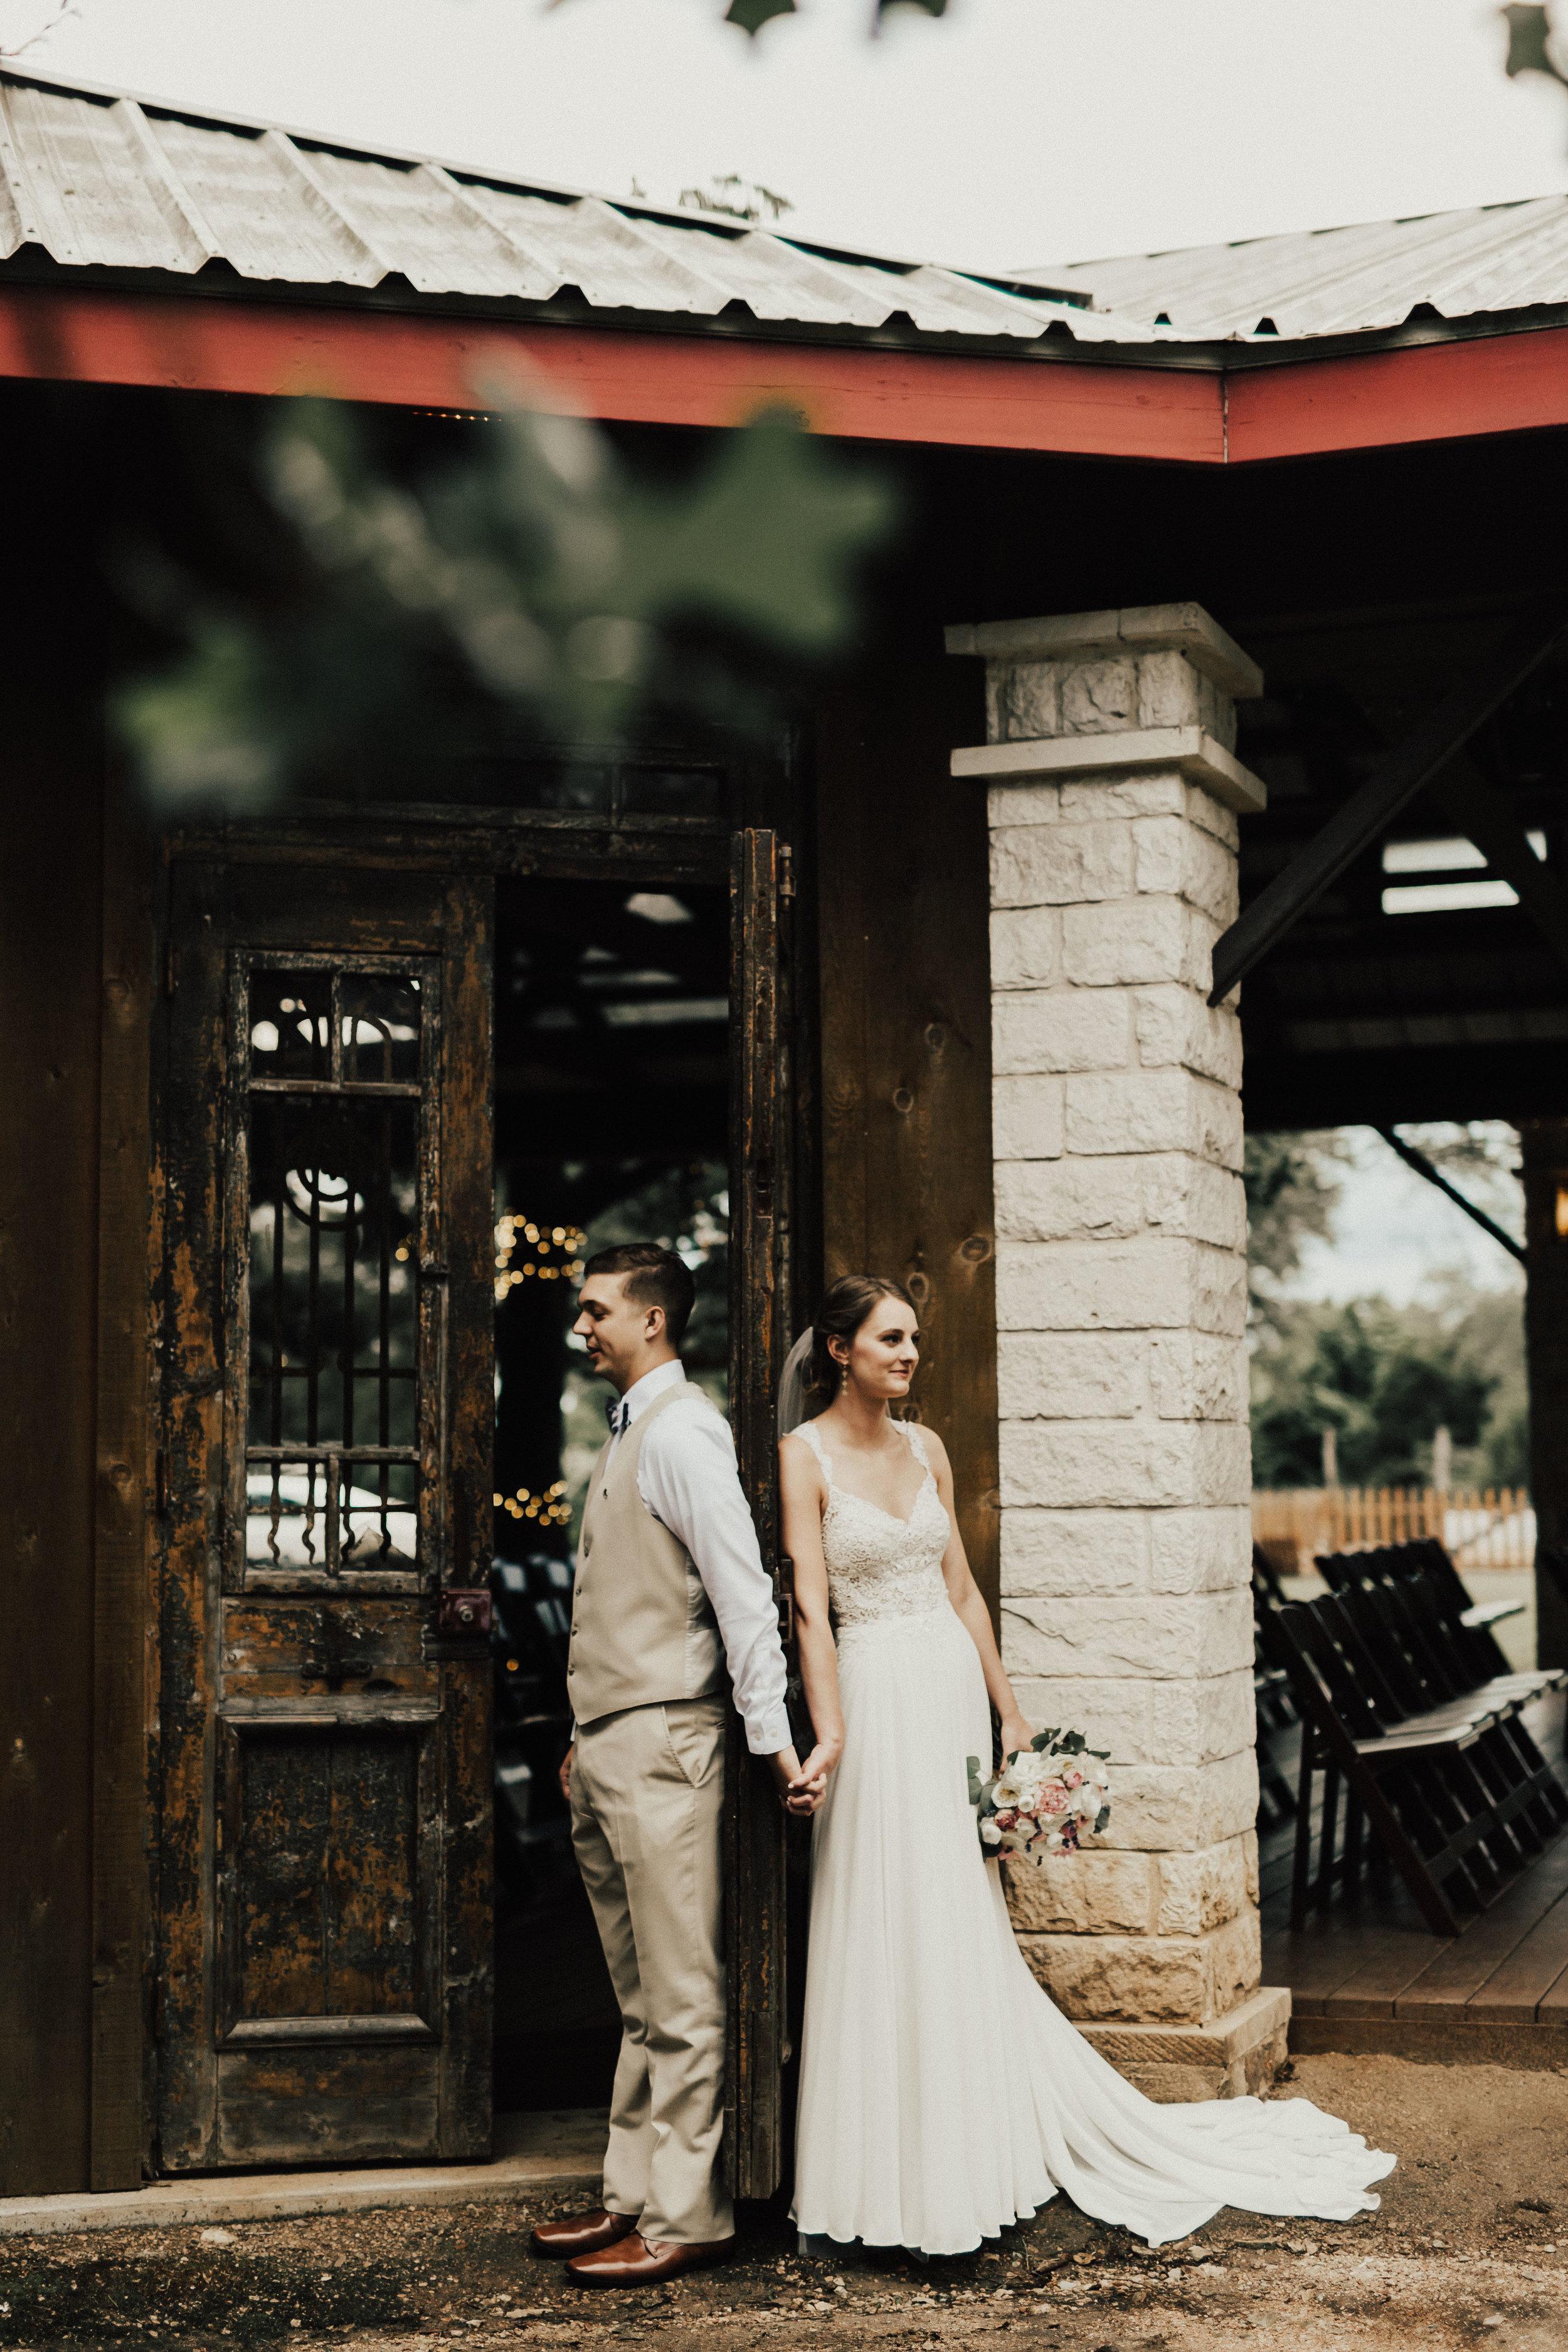 HAILEY-TIM-wedding-photographer-kindred-oaks-texas-326.jpg